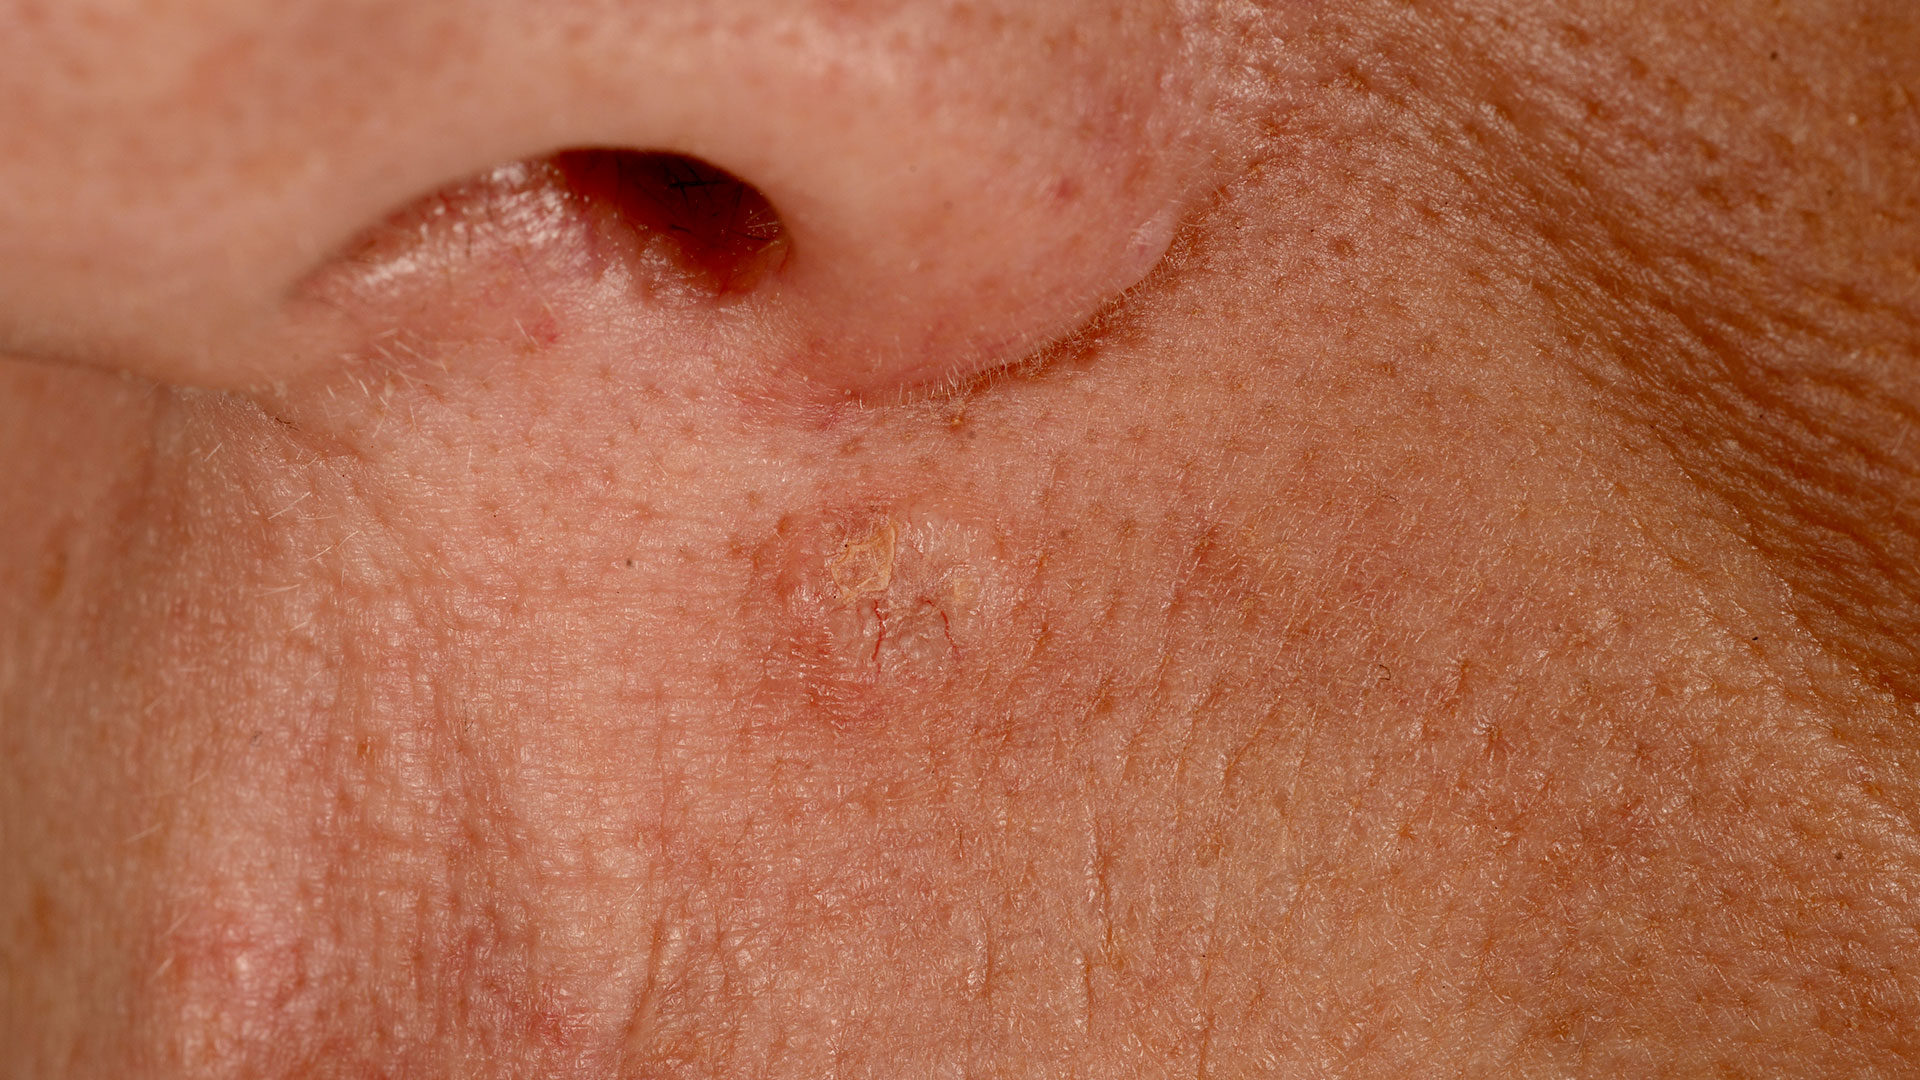 hudkræft symptomer billeder